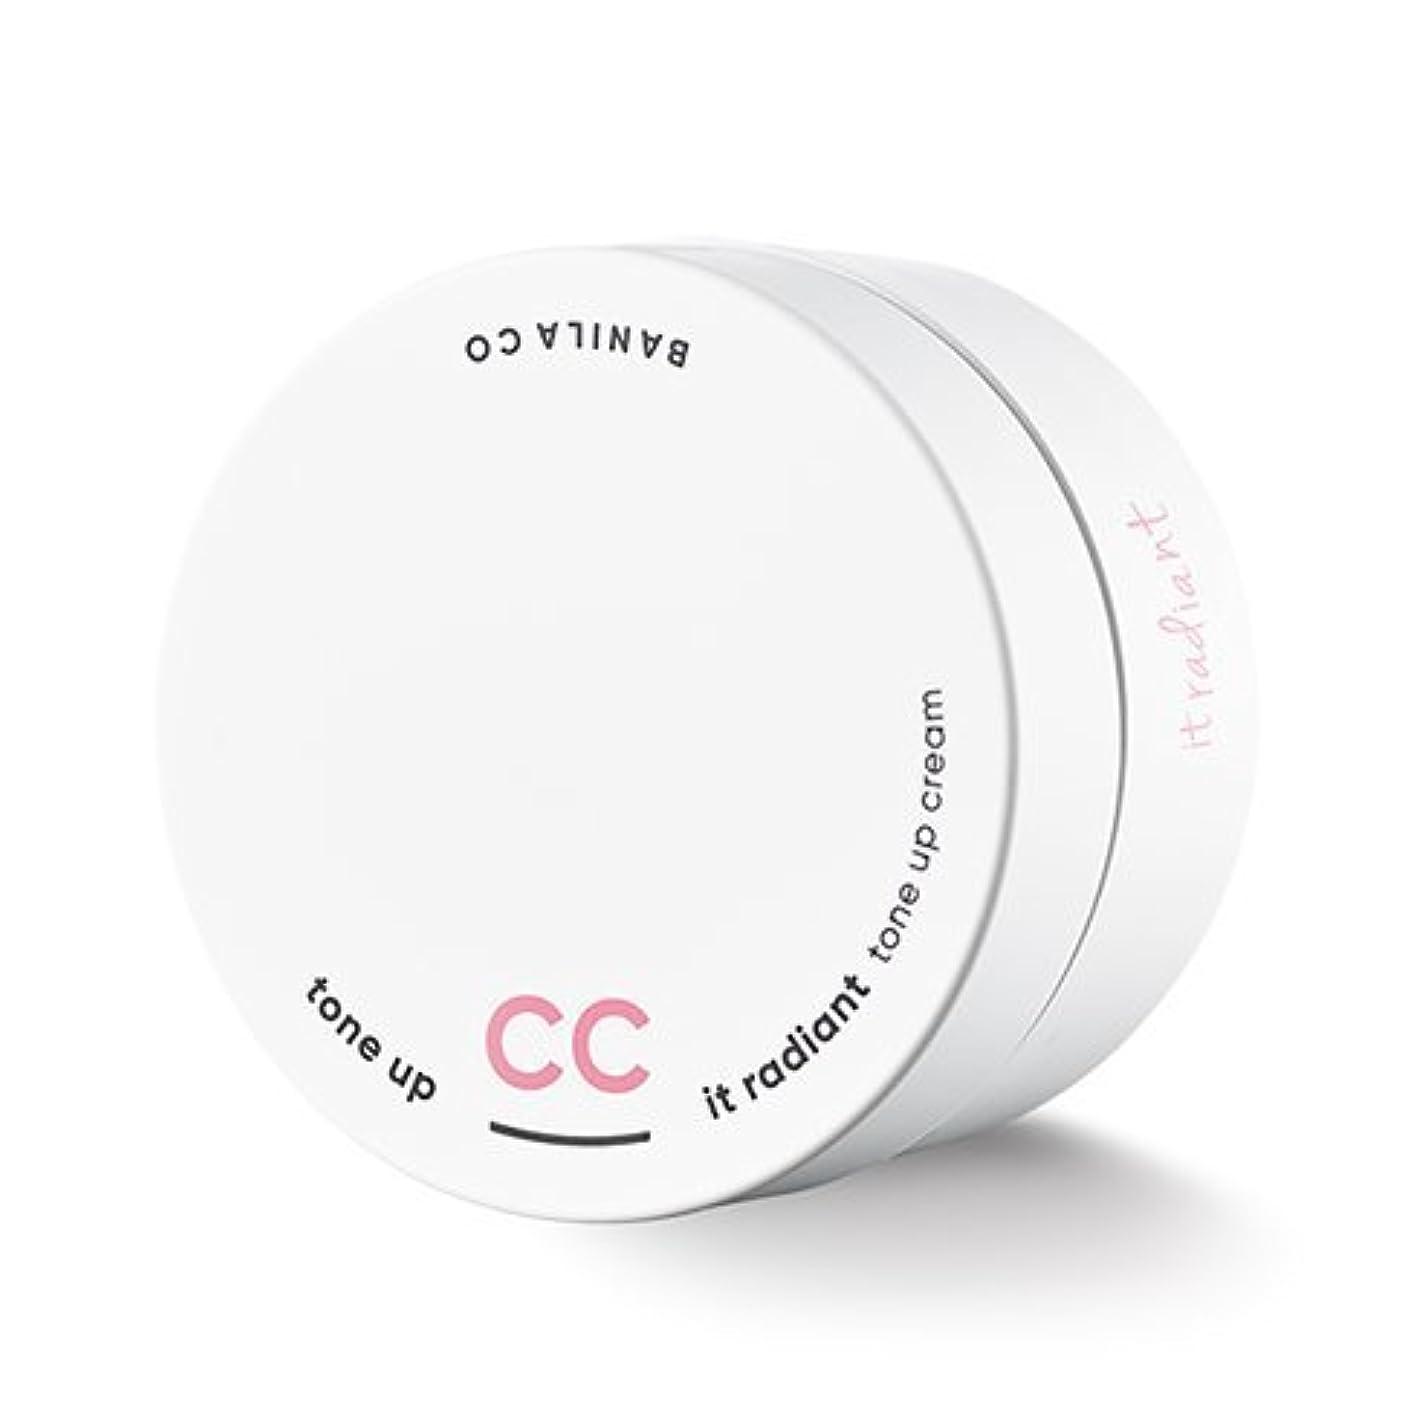 オーナメントナビゲーション力BANILA CO It Radiant CC Tone Up Cream 50ml/バニラコ イット ラディアント CC トーンアップ クリーム 50ml [並行輸入品]